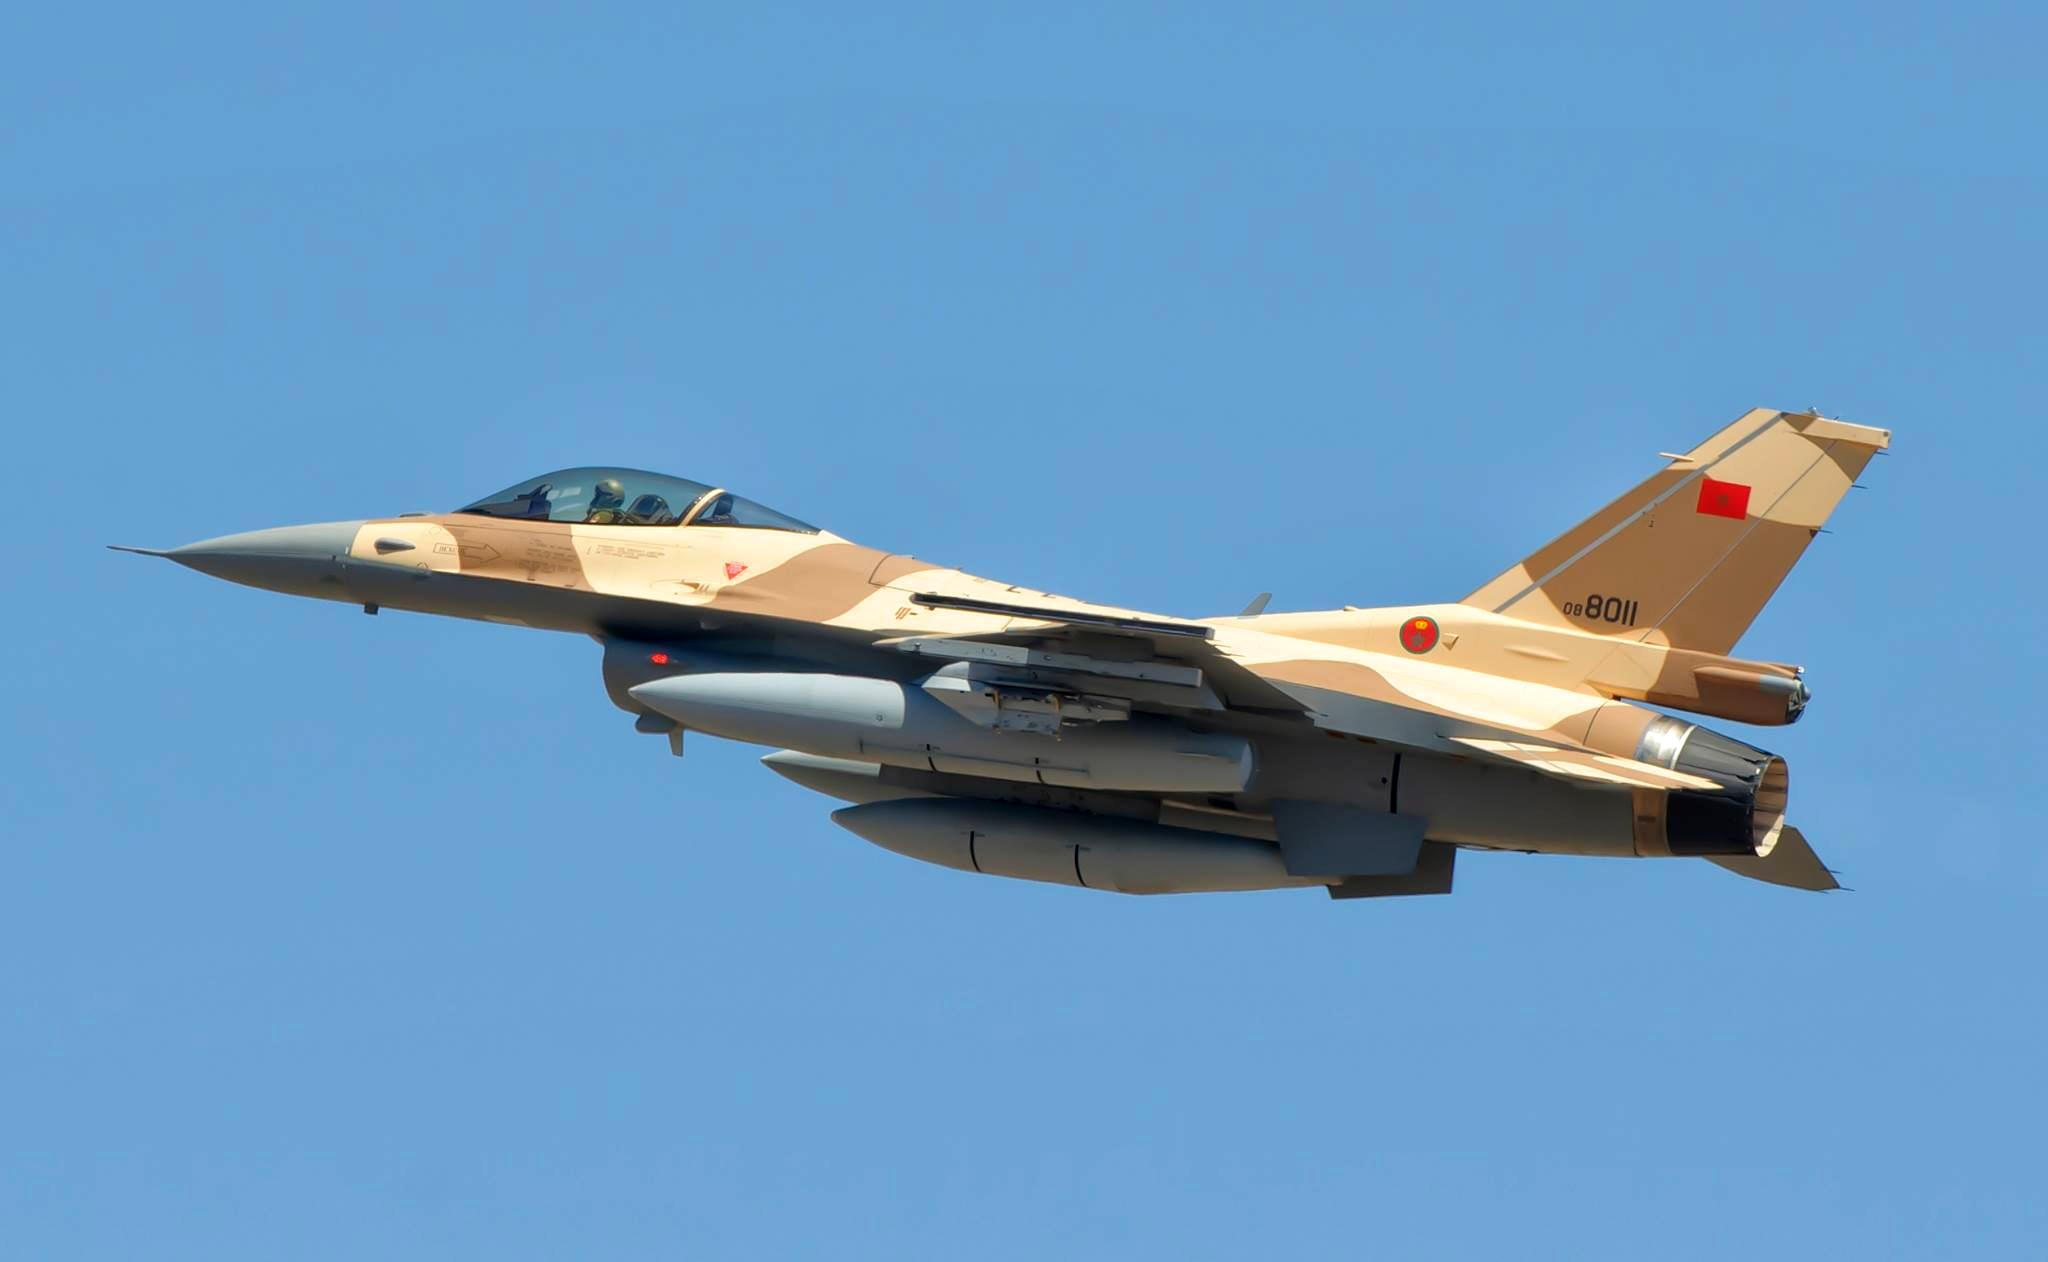 القوات الجوية الملكية المغربية - متجدد - - صفحة 2 160201071013529347